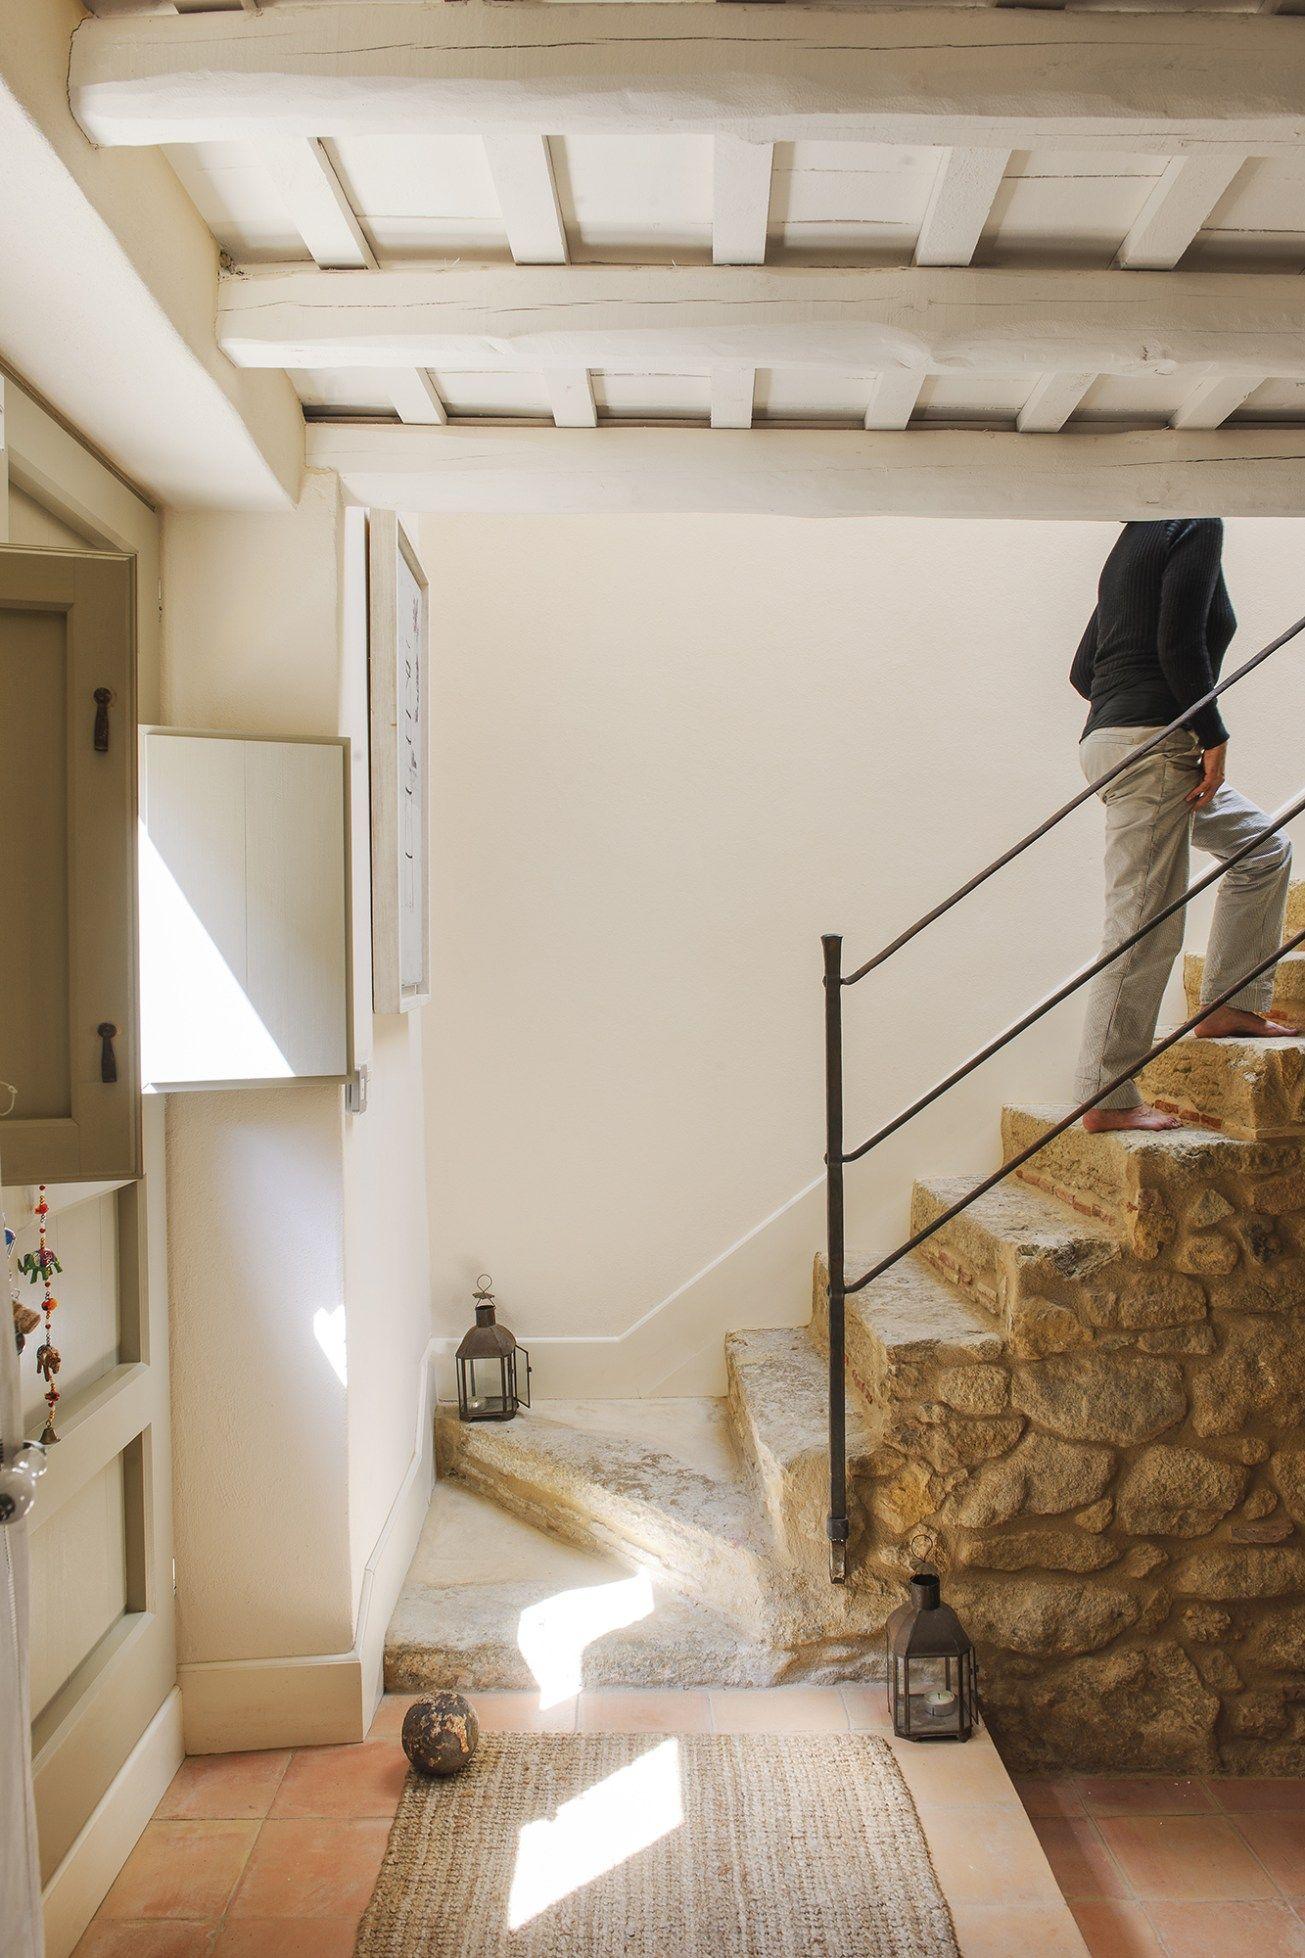 Une Lumineuse Maison En Pierres Renovee Maison En Pierre Maison Maison En Provence